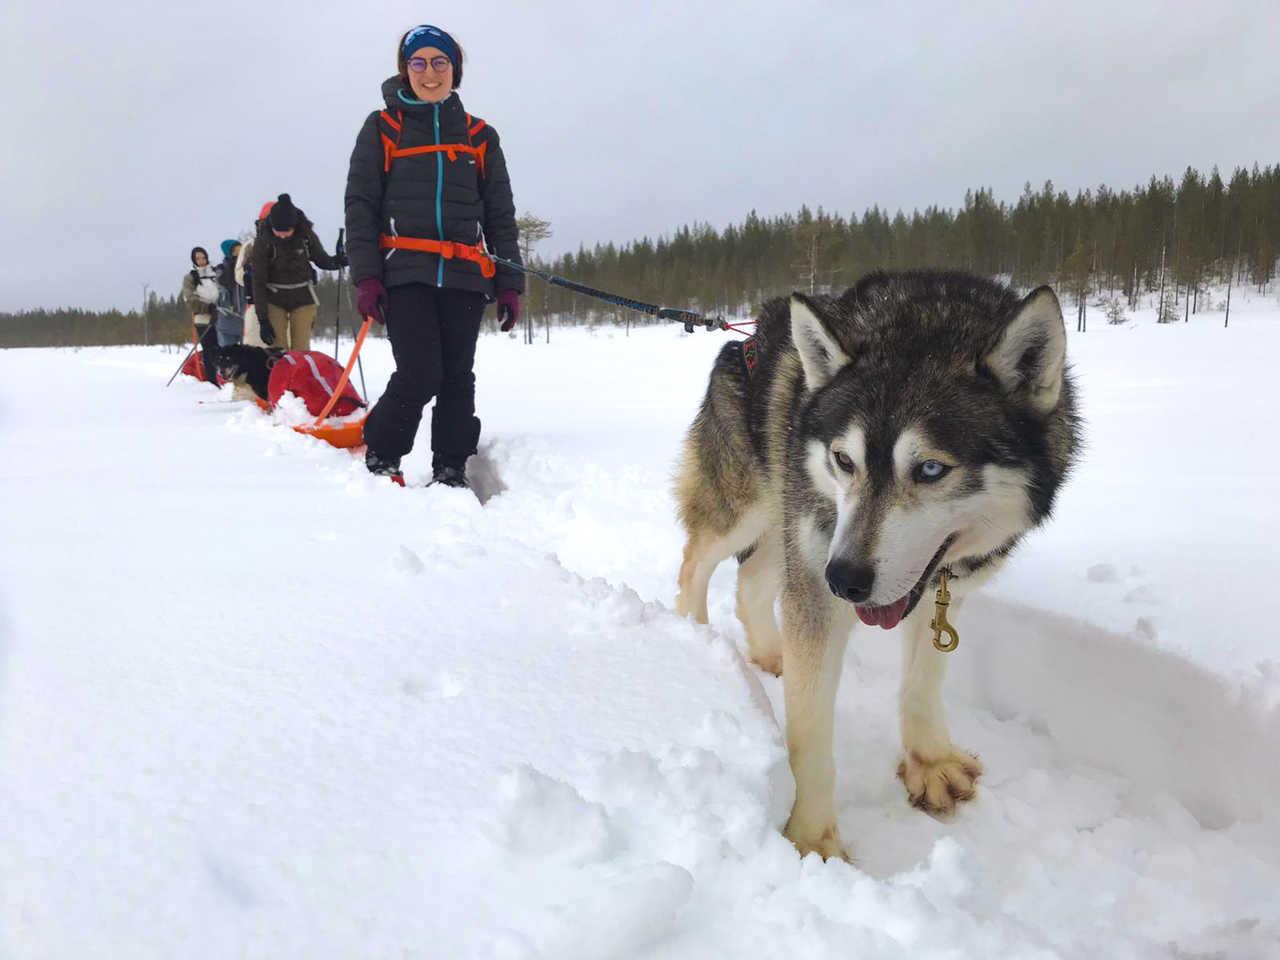 Cani-rando en raquettes avec nos huskies